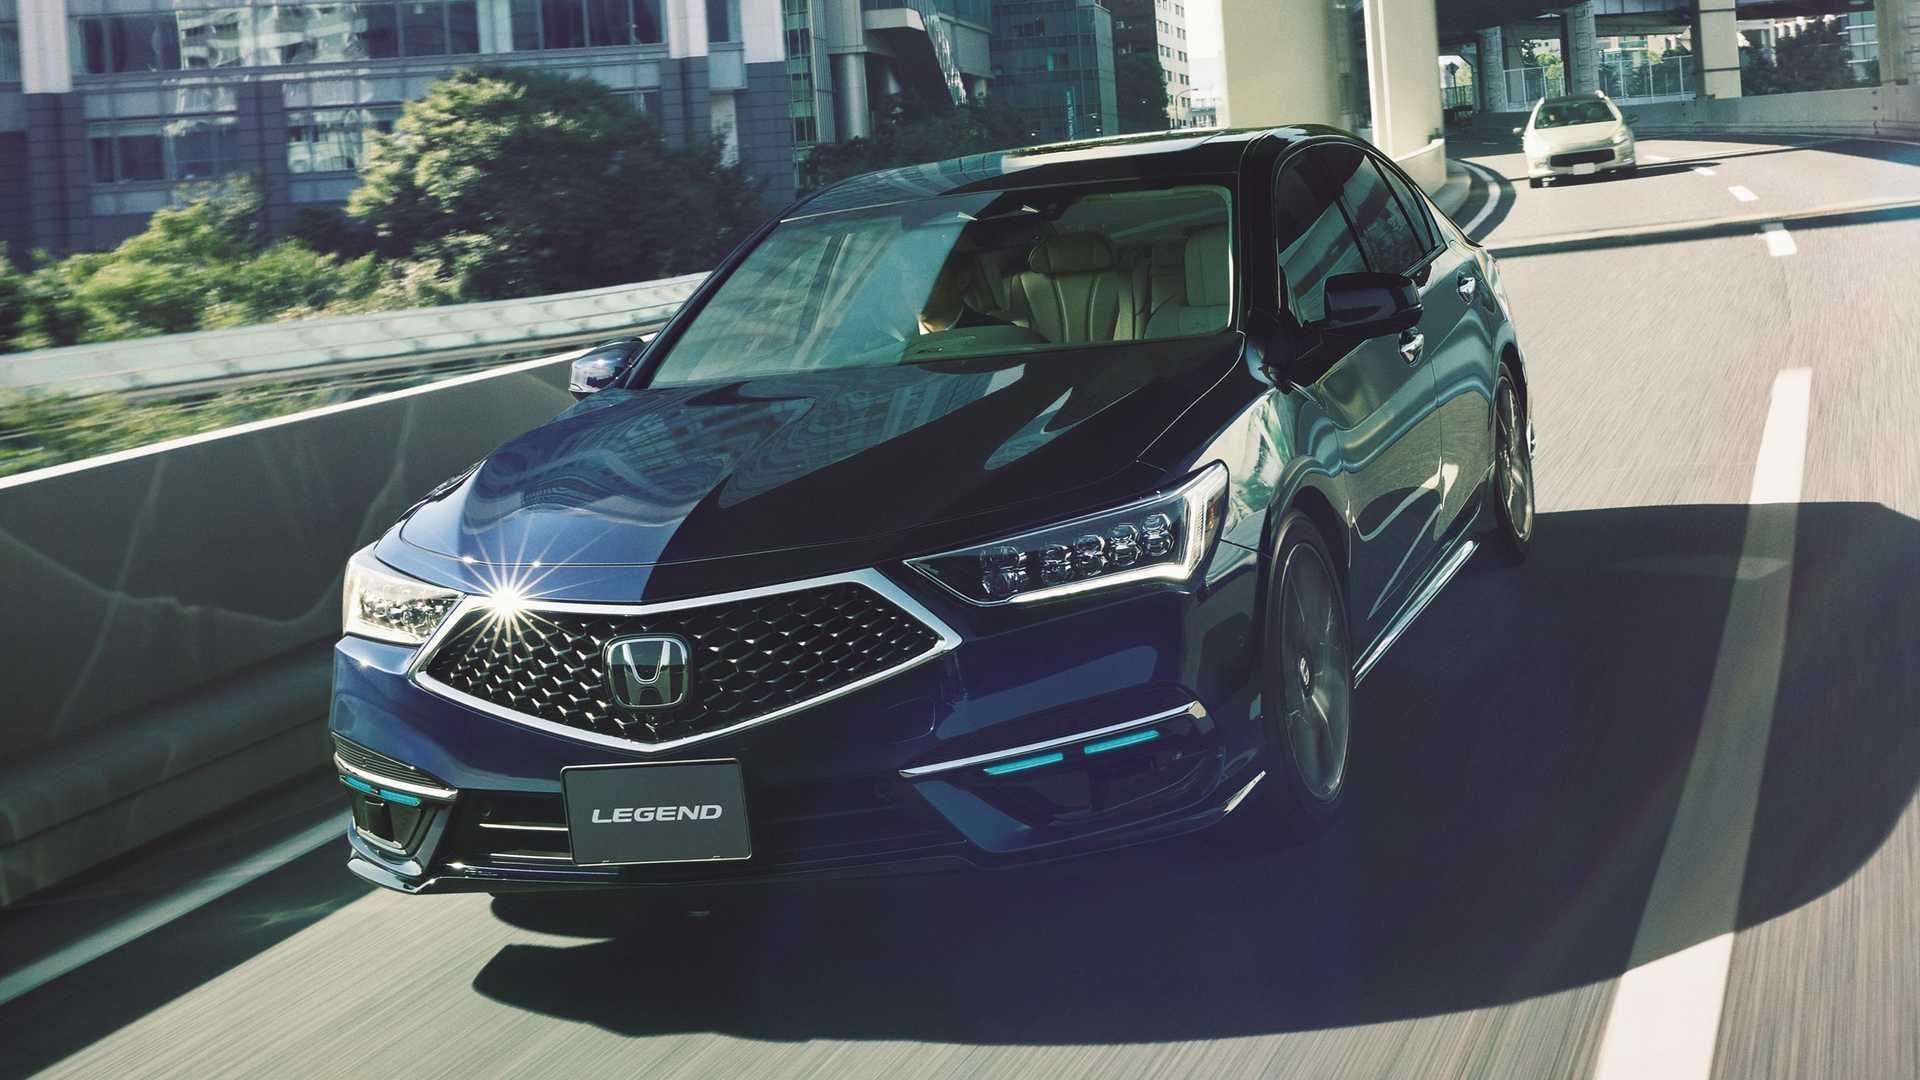 Honda Legend с автономным вождением 3-го уровня поступила в продажу в Японии